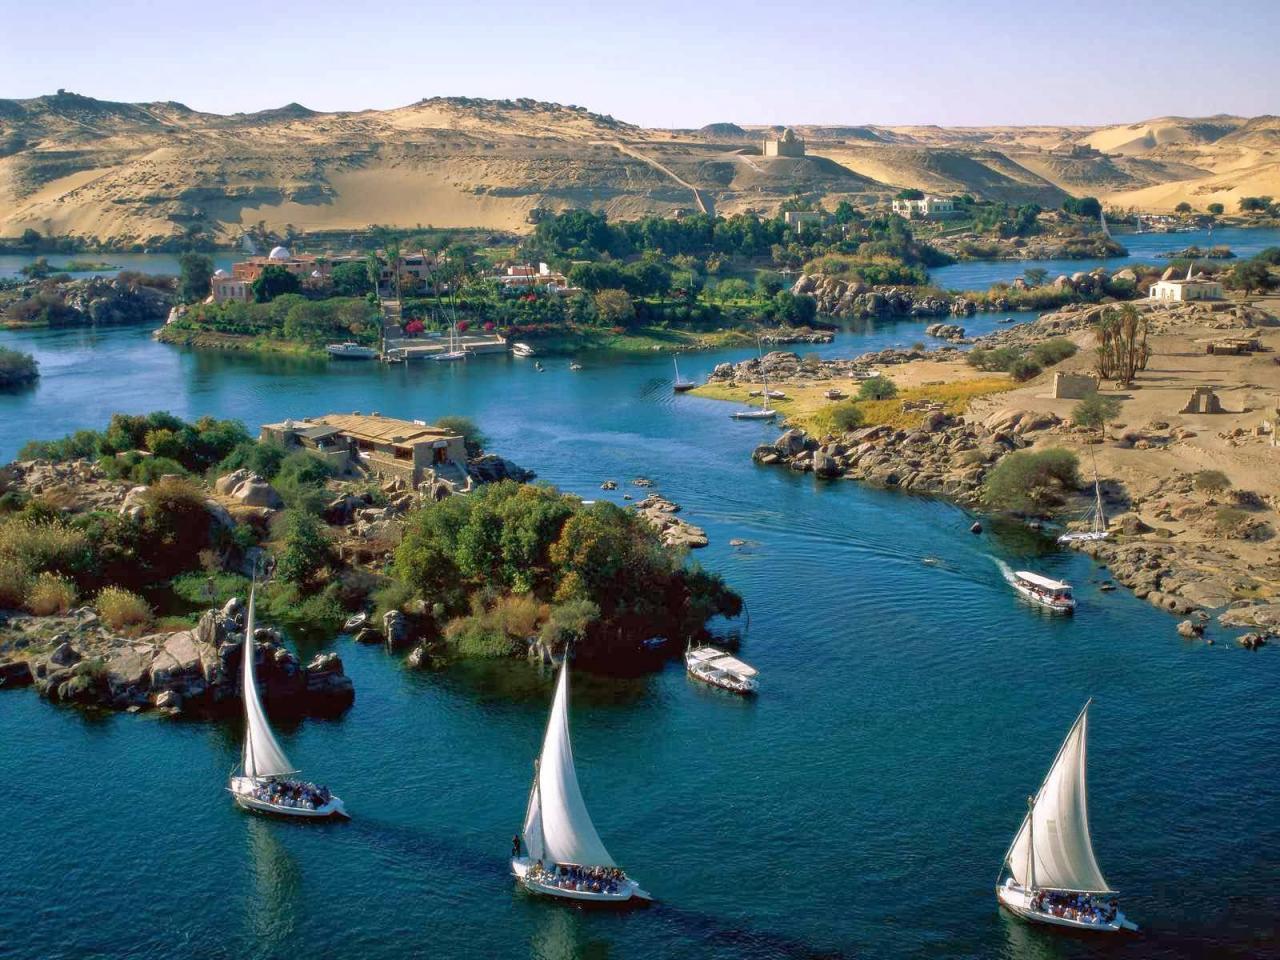 صور برجراف عن نهر النيل , ما هو نهر النيل